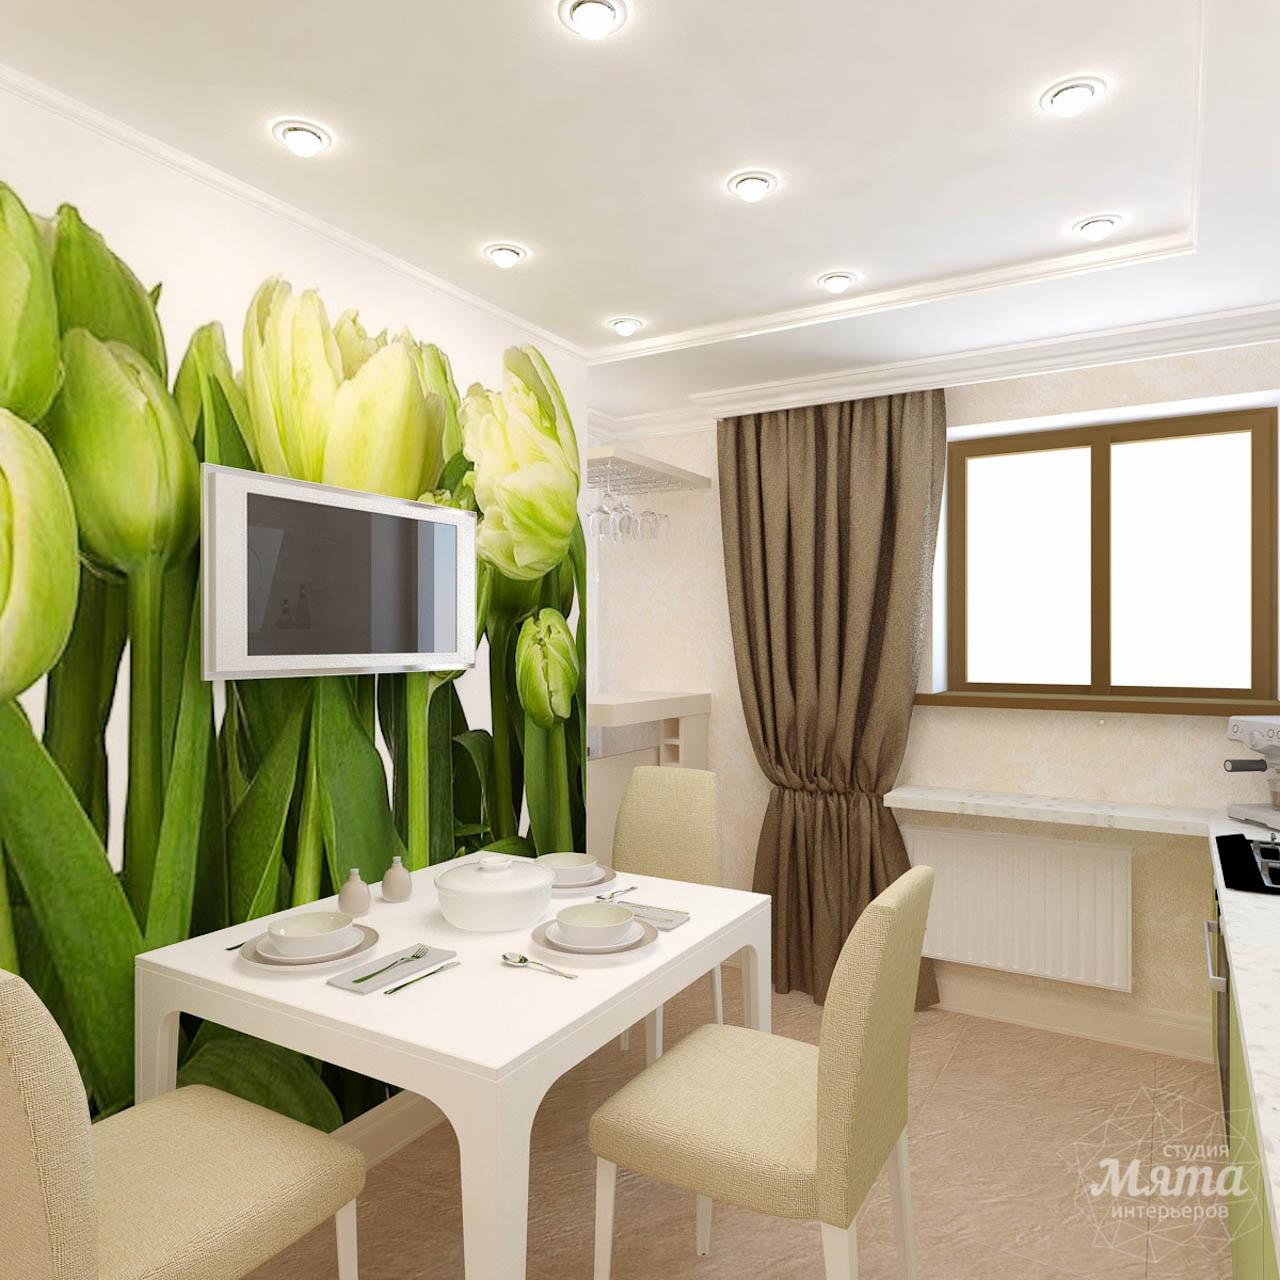 Дизайн интерьера двухкомнатной квартиры по ул. Бебеля 156 img1062188641